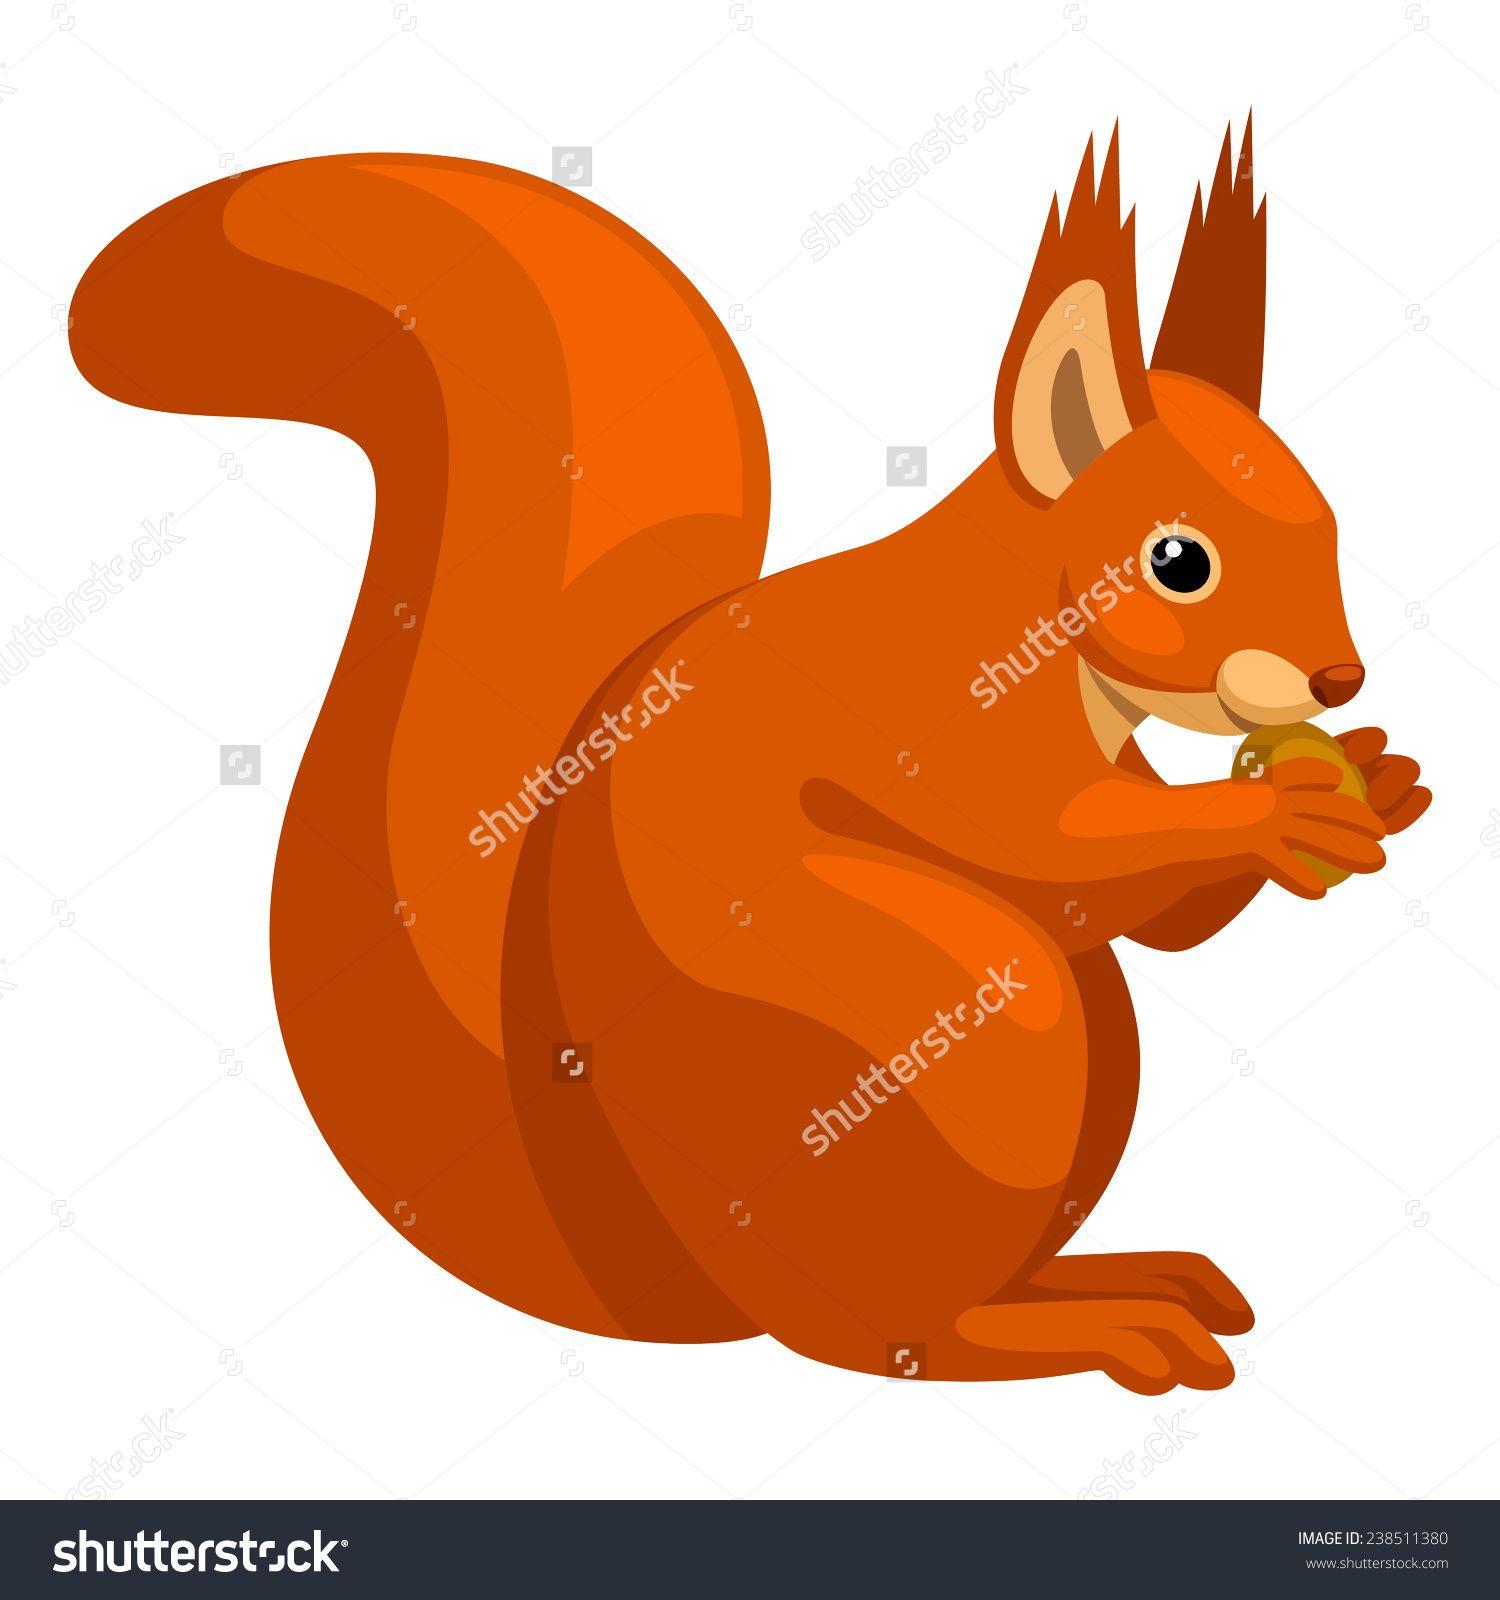 Squirrel stock vector illustration shutterstock